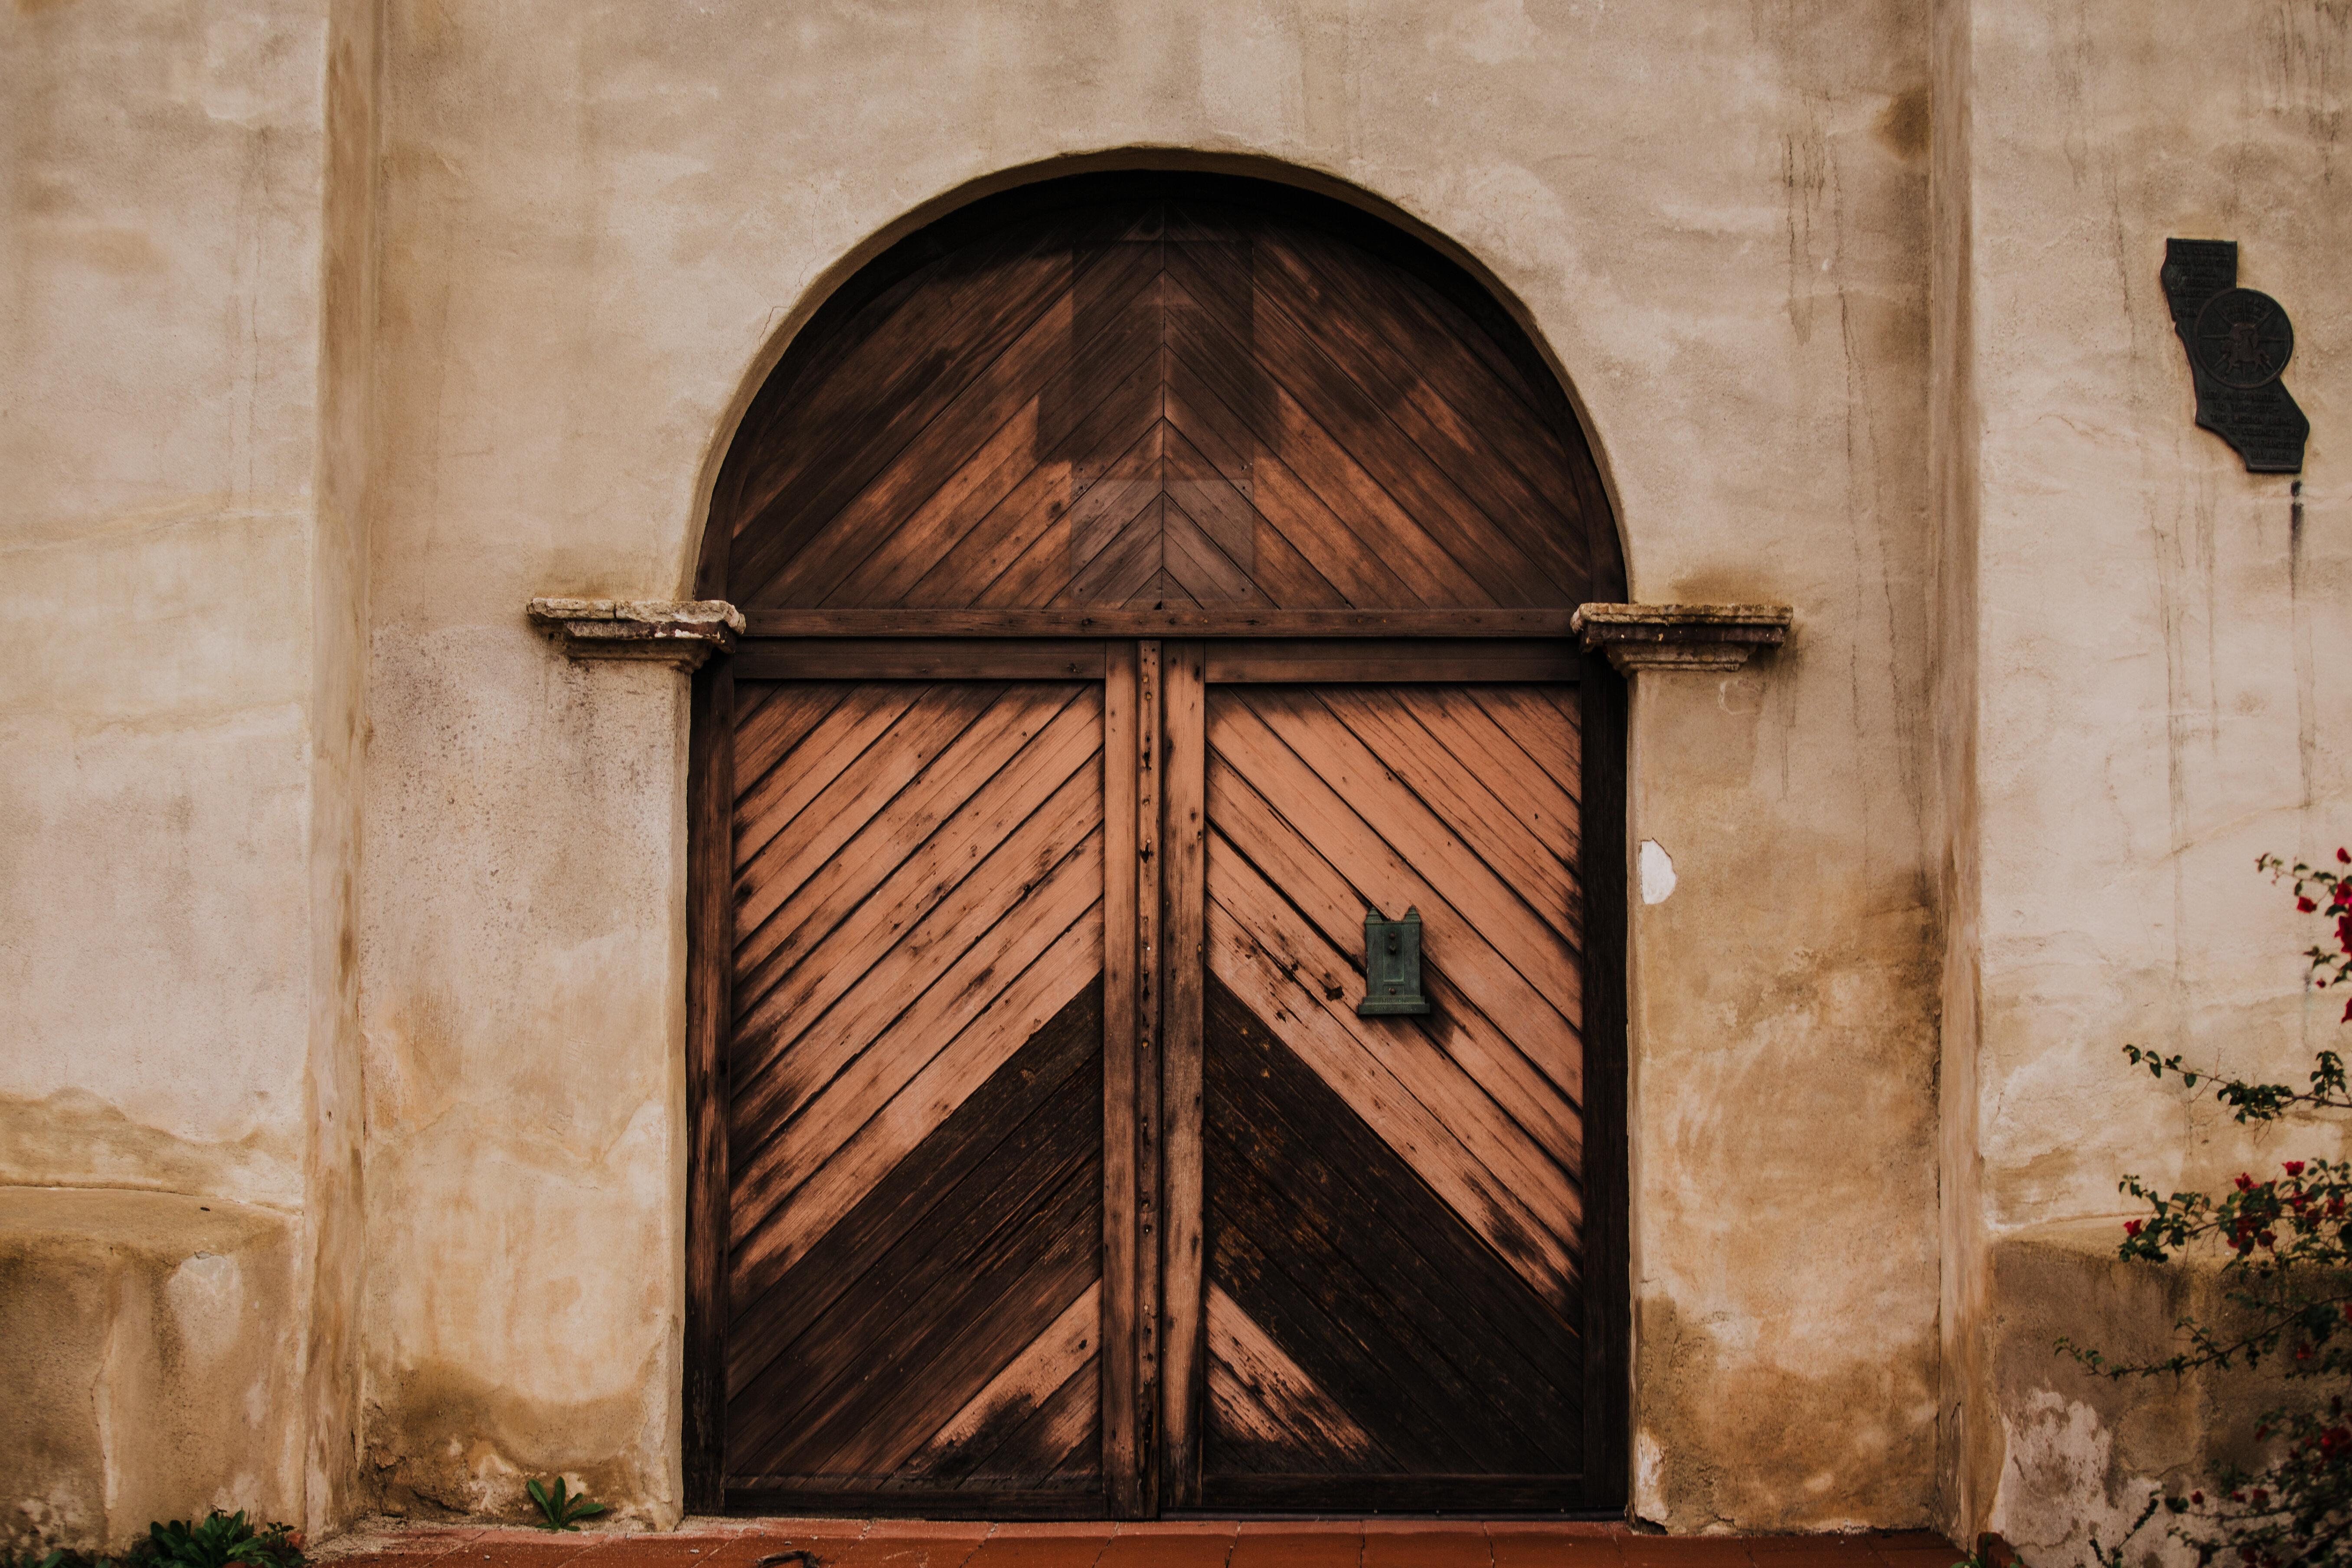 Opening the Door to Trouble 9.10.20